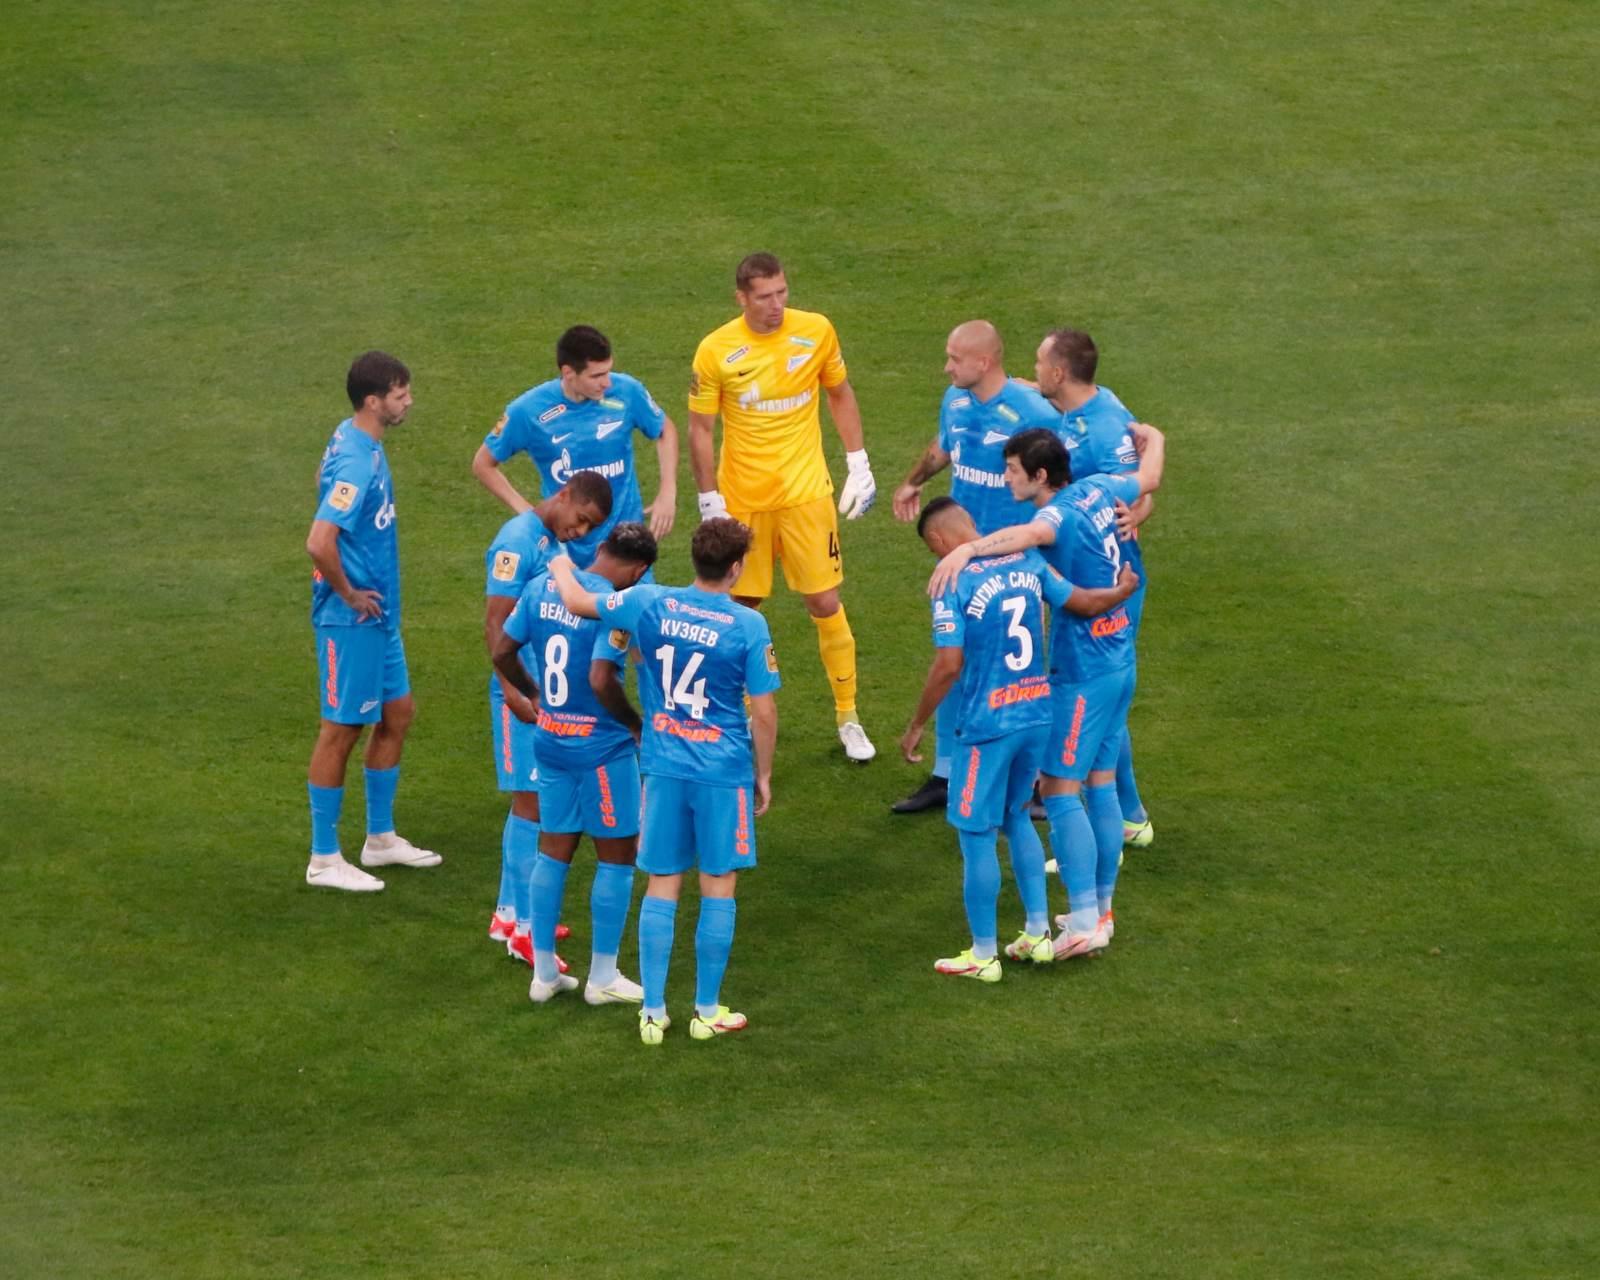 С кем может сыграть «Зенит» на групповом этапе Лиги чемпионов